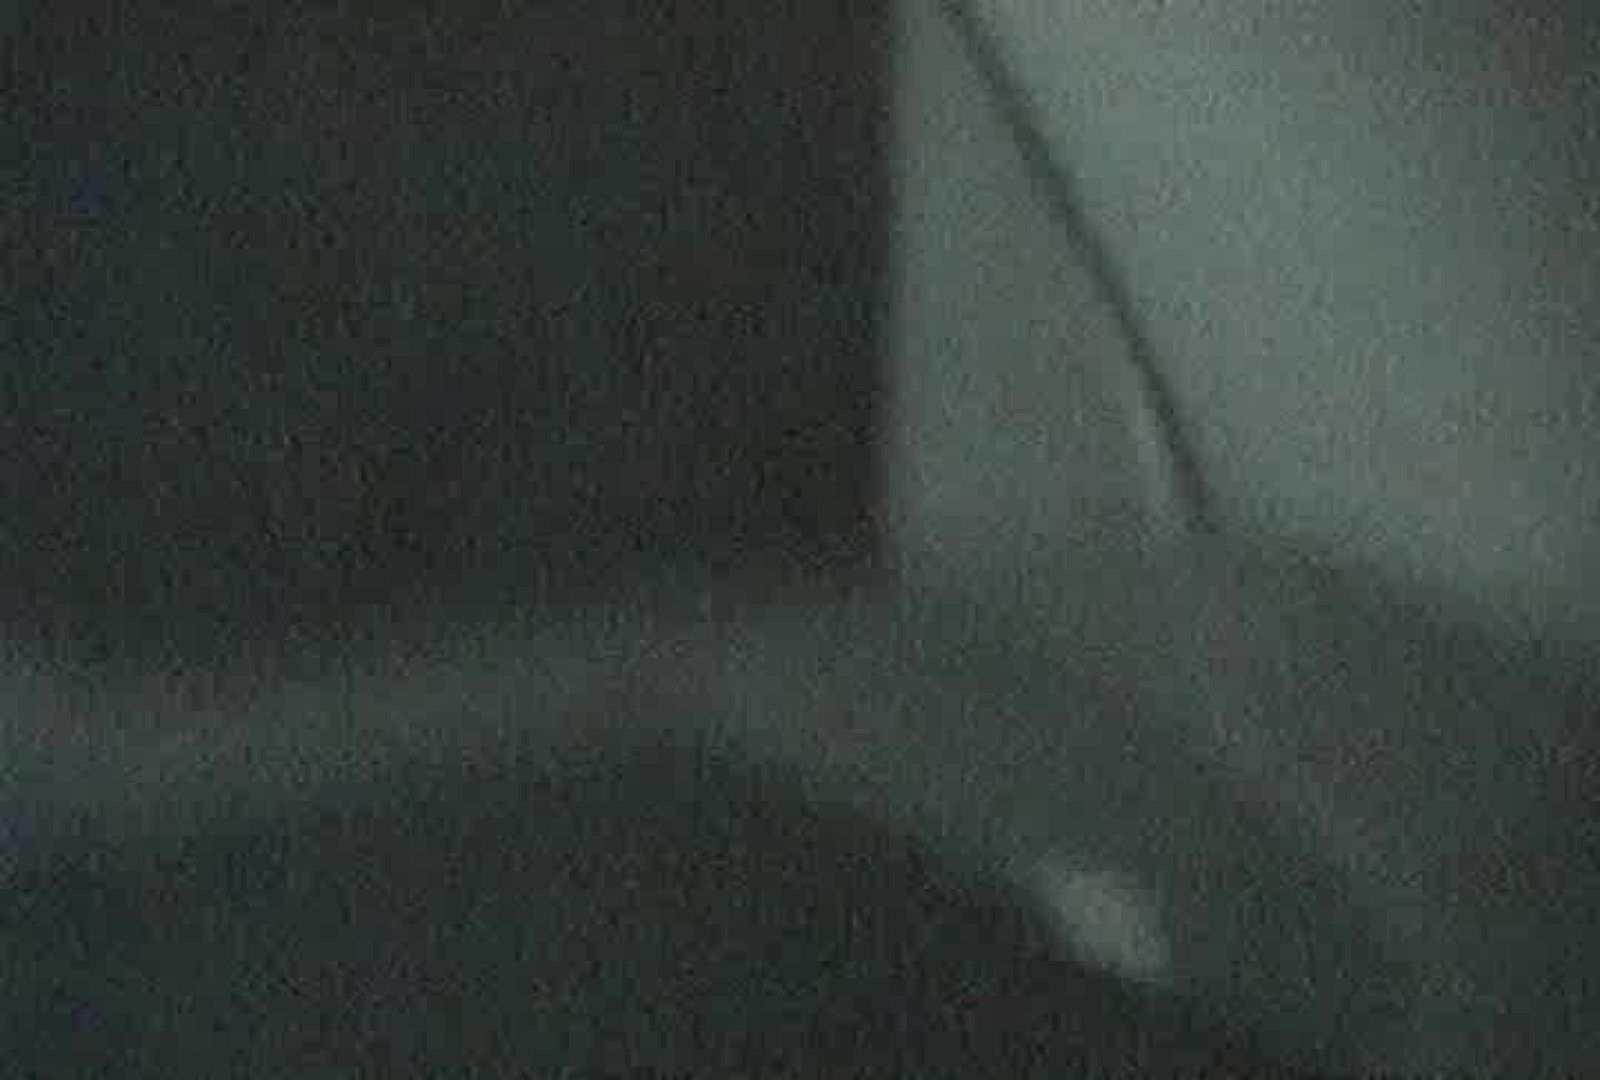 充血監督の深夜の運動会Vol.72 ギャルのエロ動画 | エロティックなOL  64画像 34